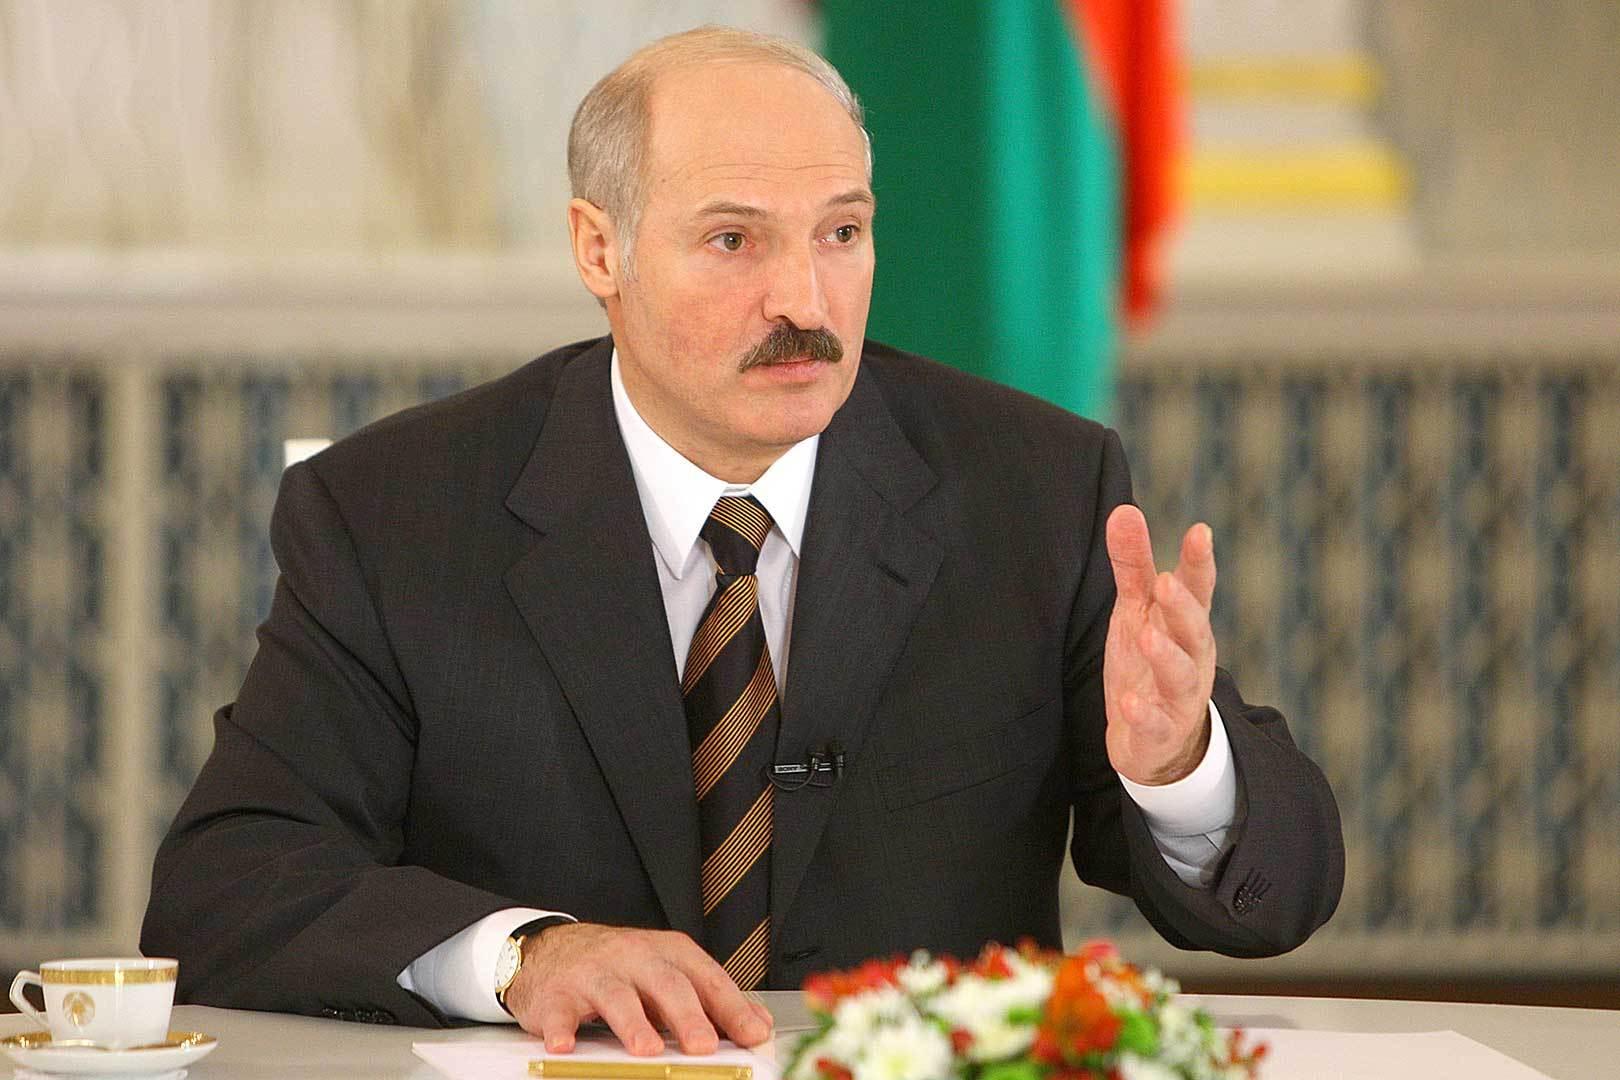 Лукашенко: Как только в России поднимаются цены, мы не можем не бежать за вами. ФОТО: БелТА